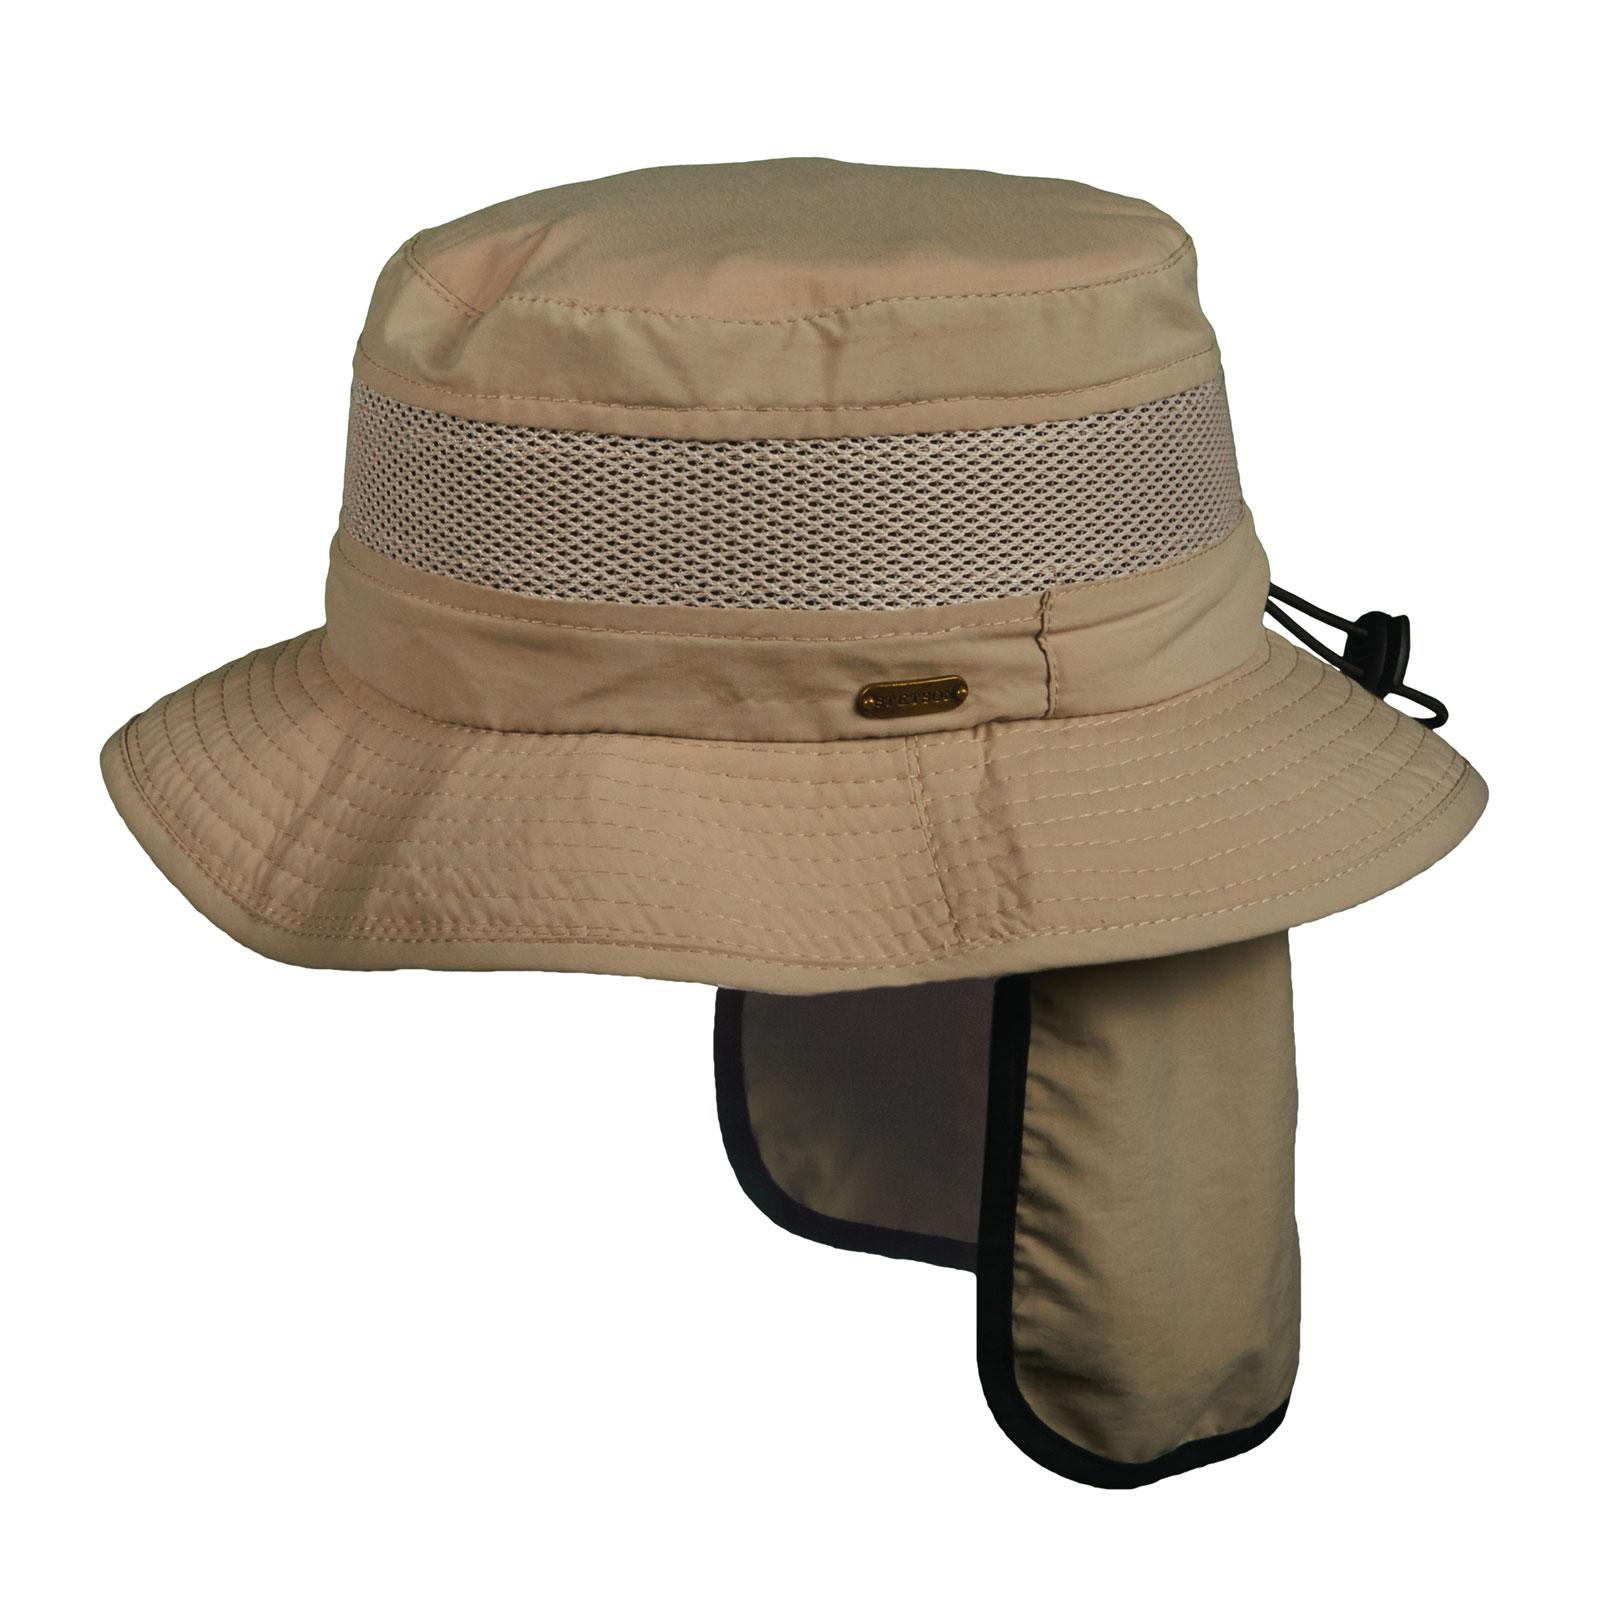 b74661bf8c9 Stetson No Fly Zone Nylon Mesh Boonie Hat